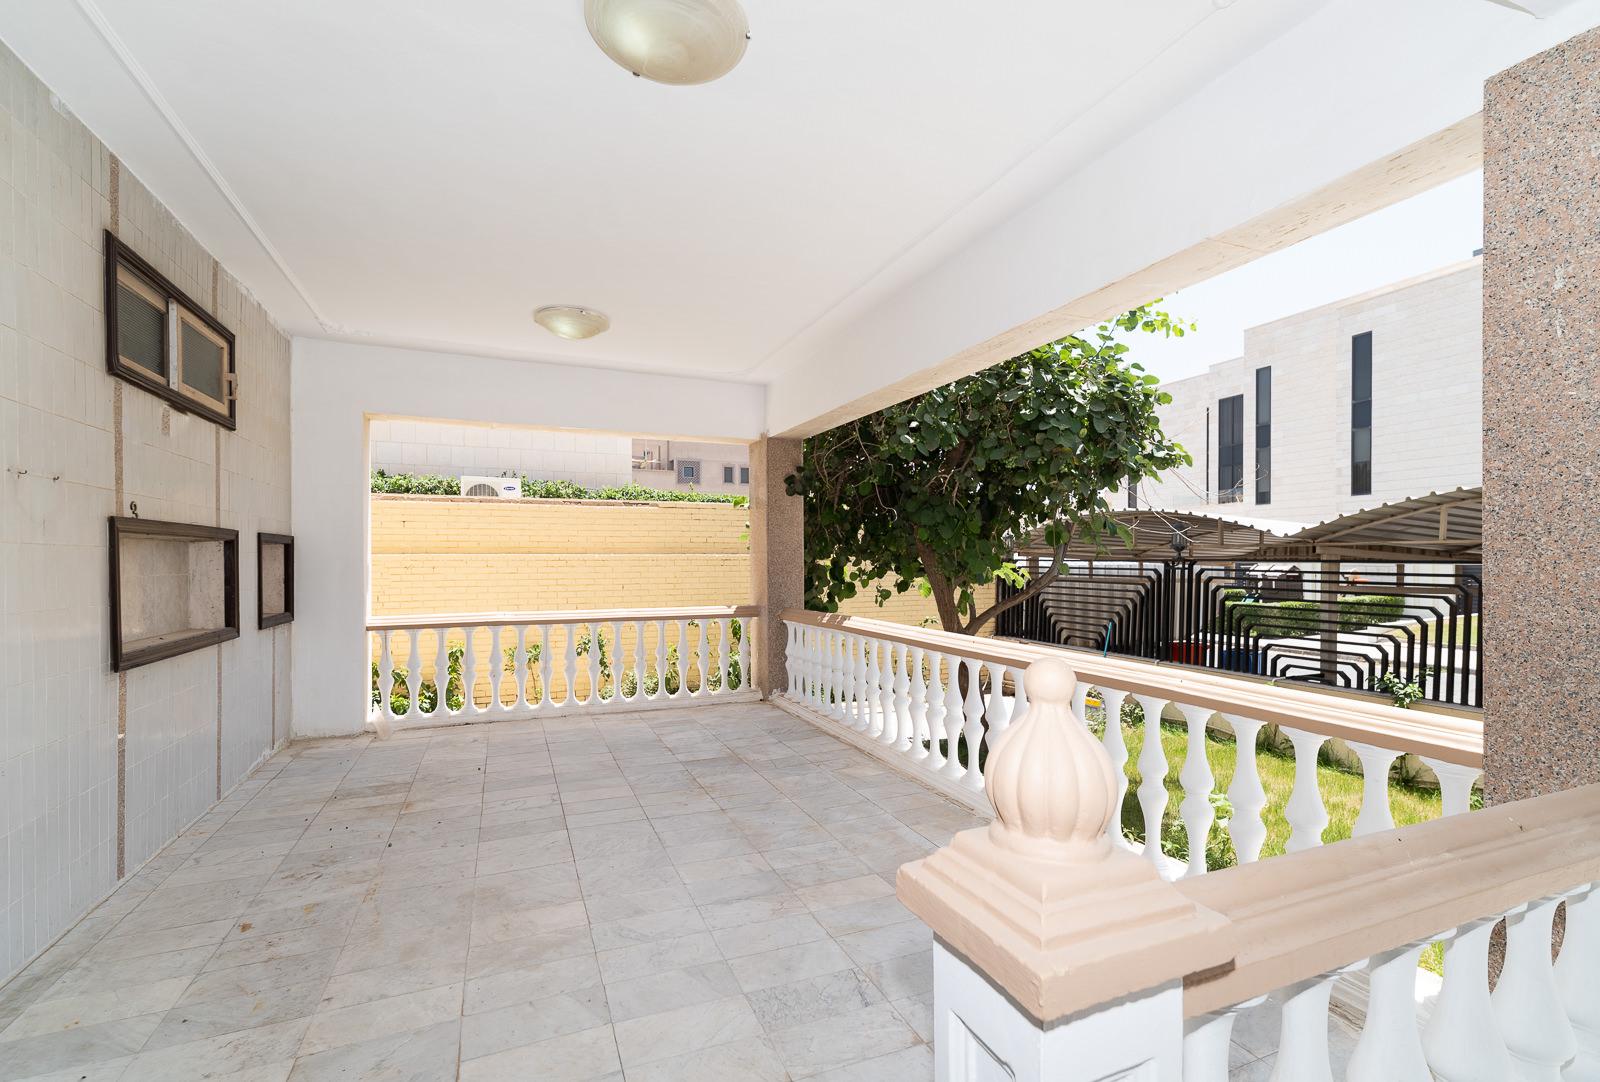 Rawda – older, spacious villa with garden